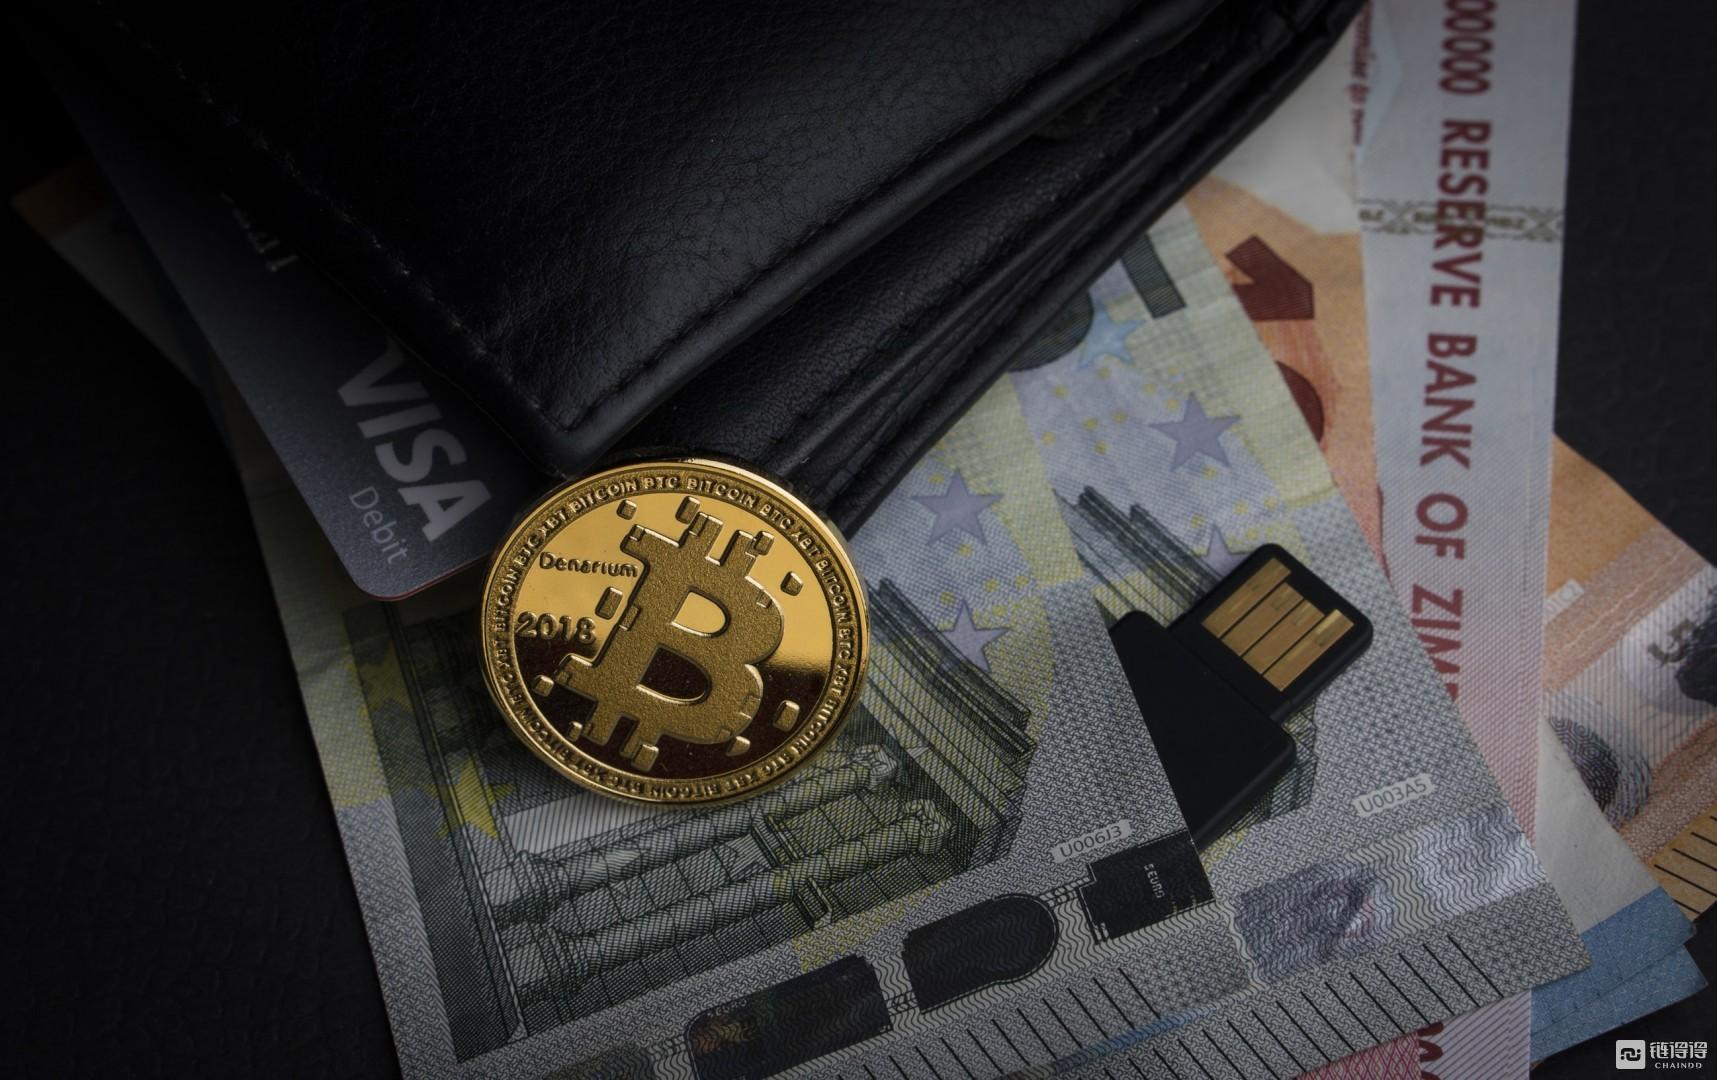 【得得精译】摩根士丹利内部报告:全面解答比特币,交易所及稳定币趋势方向